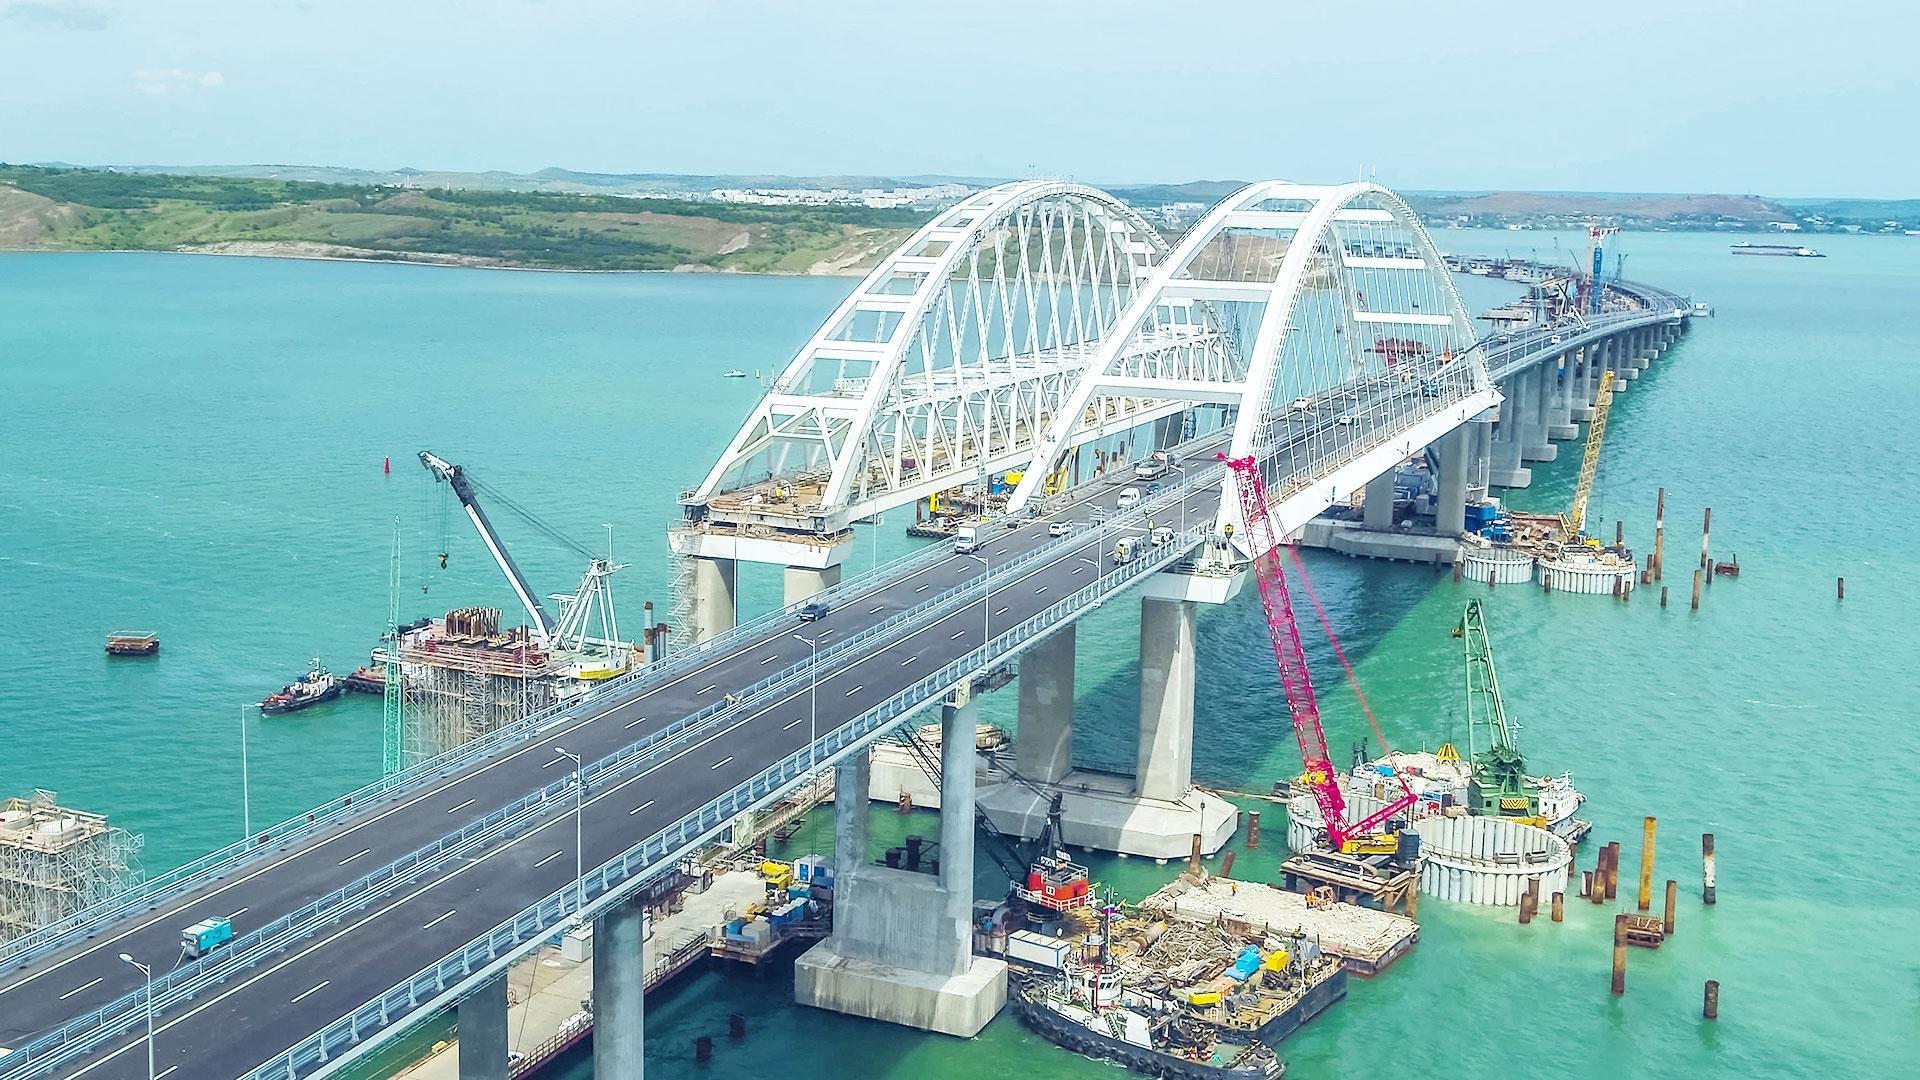 картинки крымского моста сегодня губы выглядят слишком